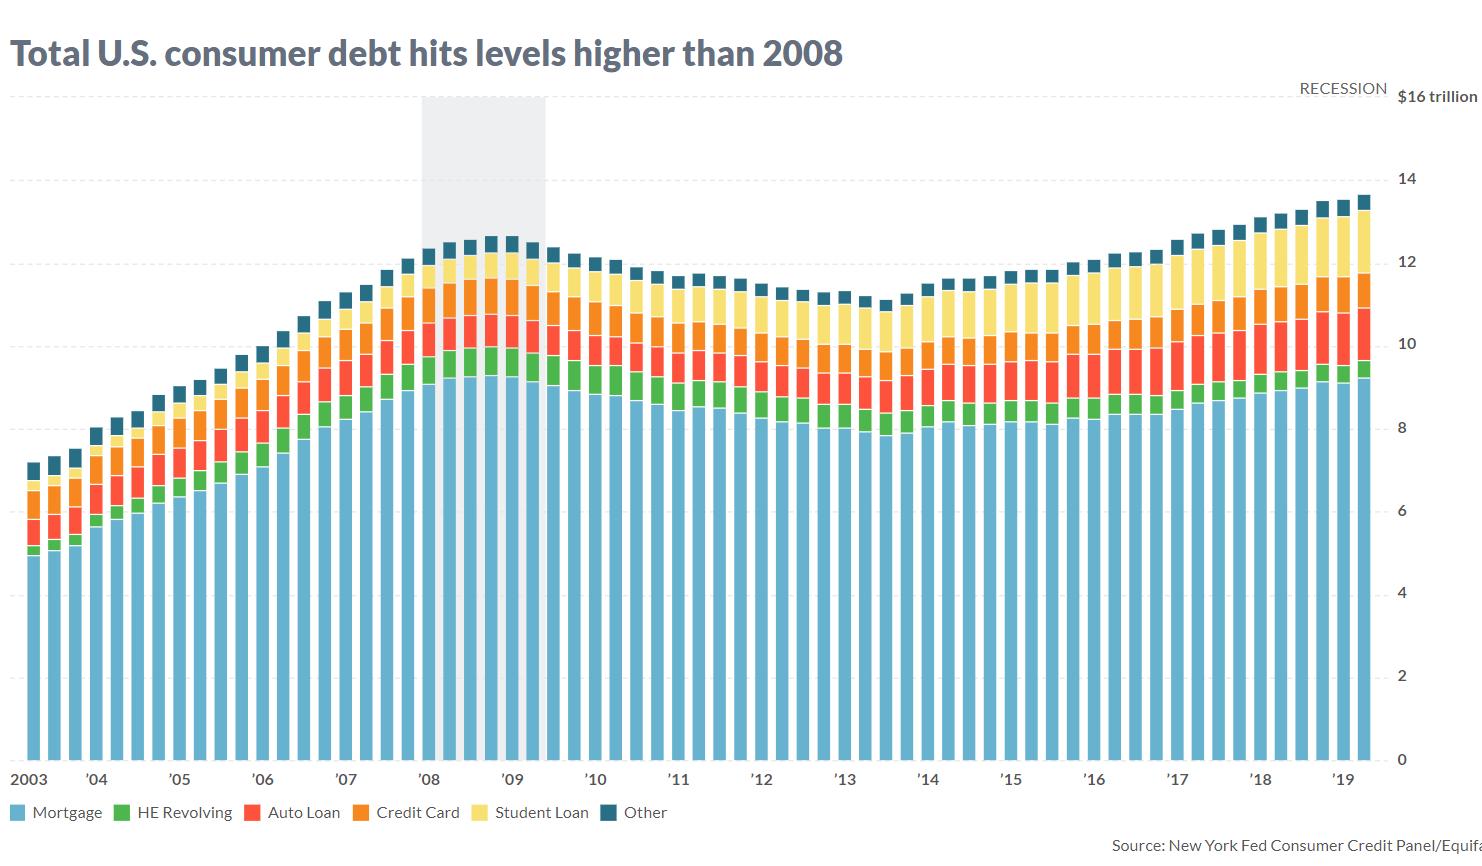 U.S. consumer debt